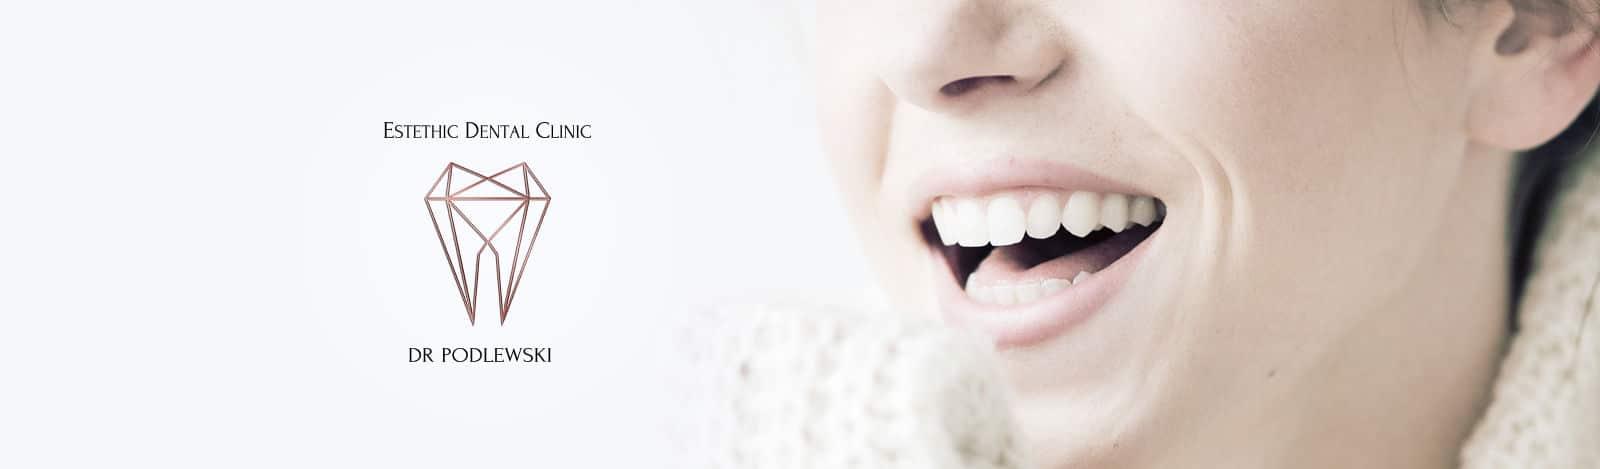 Esthetic Dental Clinic - DENTYSTA TORUŃ - Stomatologia estetyczna - Implanty - Ortodonta - Wybielanie zębów Toruń